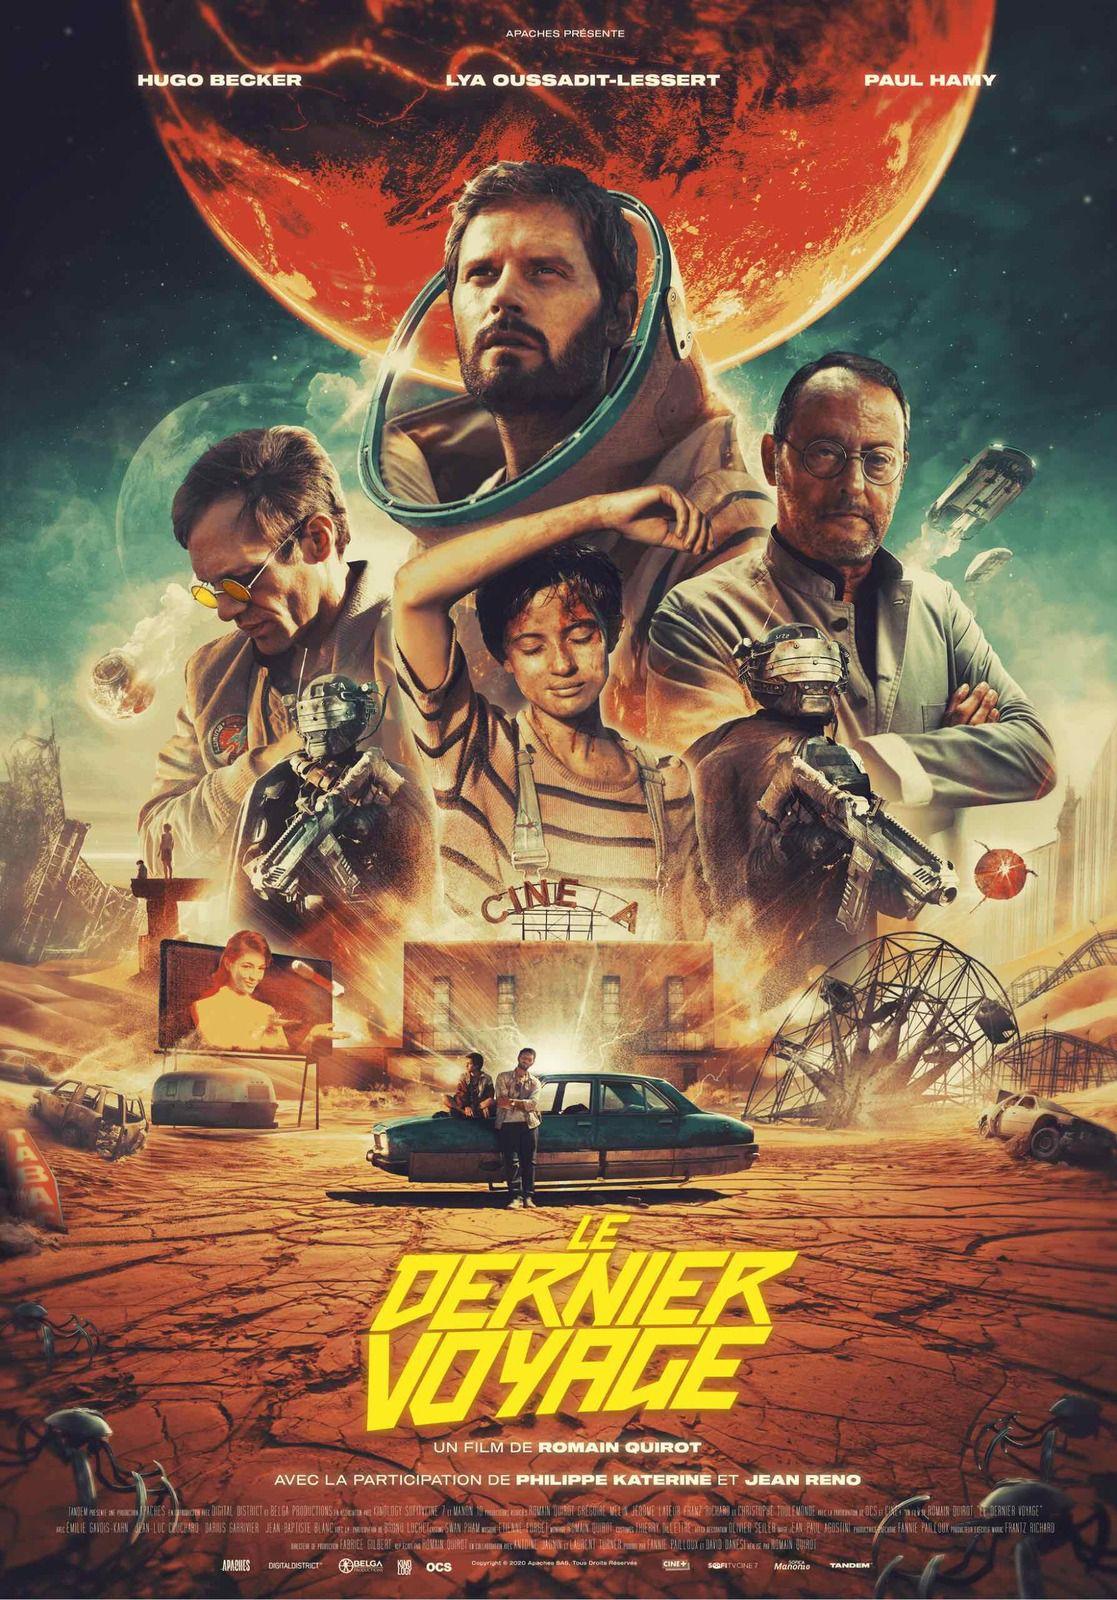 Le dernier voyage (BANDE-ANNONCE + 1 EXTRAIT DE 4MN) avec Hugo Becker, Lya Oussadit-Lessert, Paul Hamy - Le 19 mai 2021 au cinéma